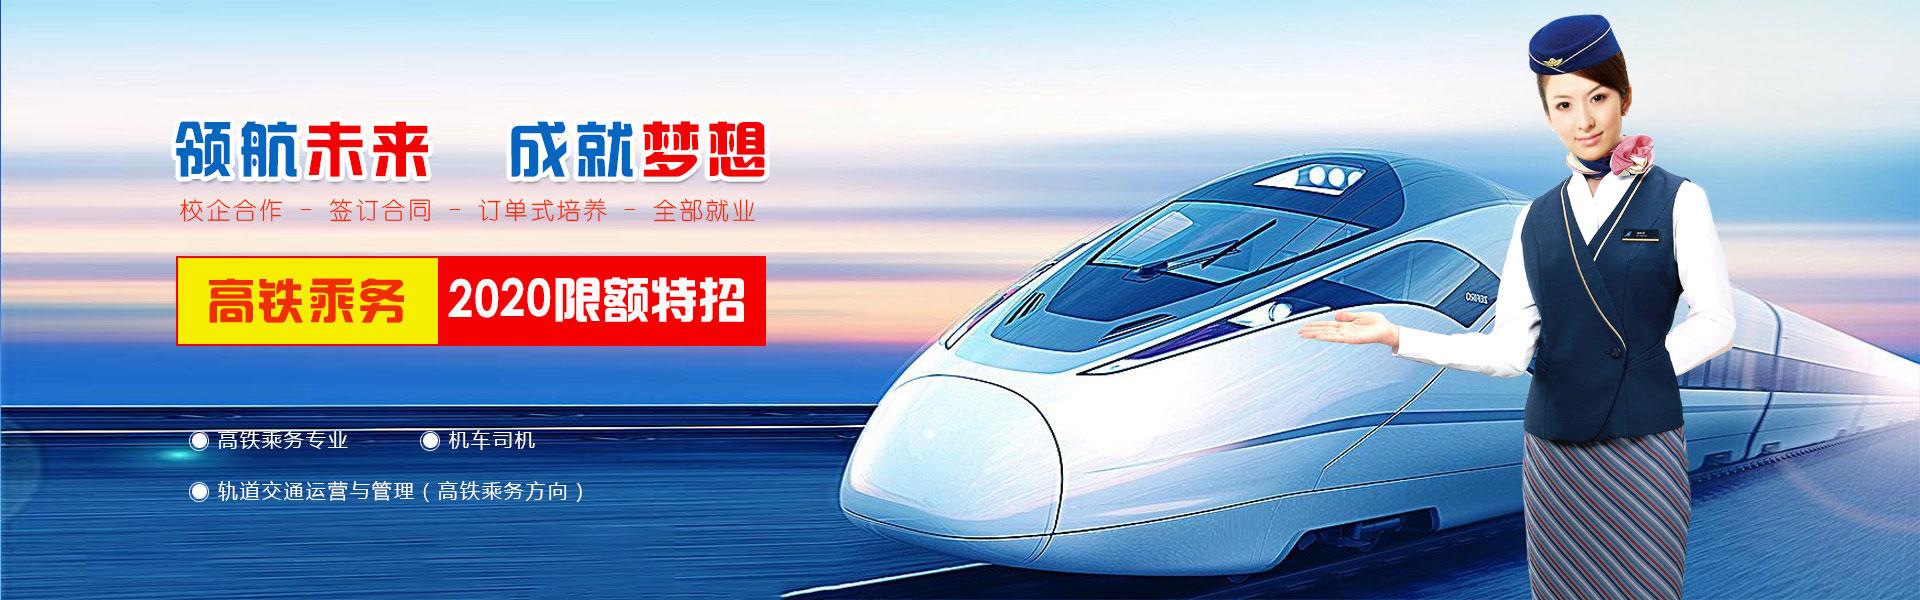 郑州高铁乘务学校